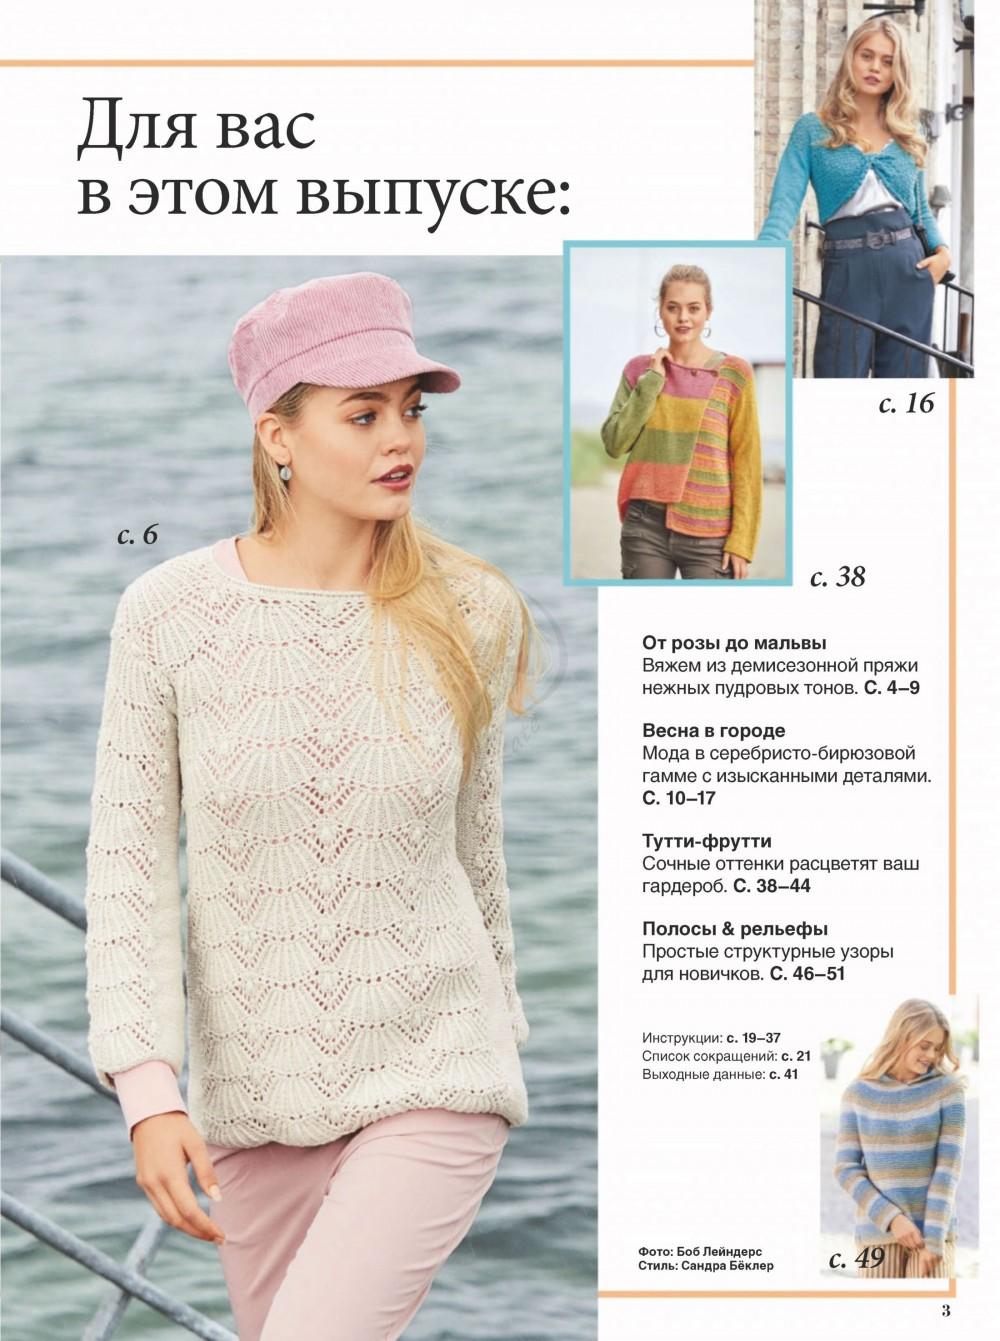 Журнал по вязанию «Сабрина» №2 2019